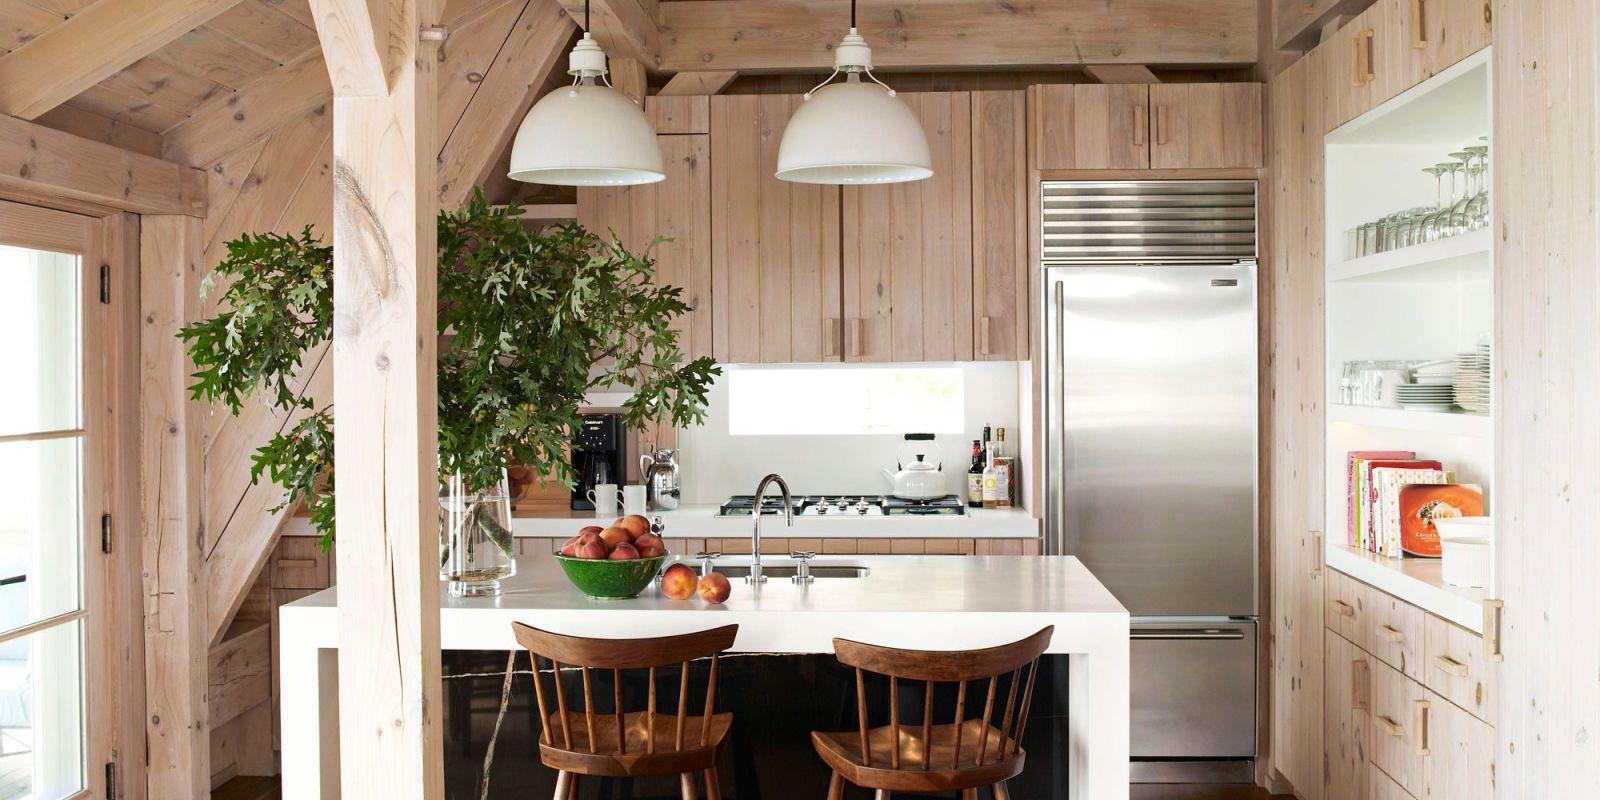 Berühmt Küchendesigner Nc Jacksonville Fotos - Ideen Für Die Küche ...